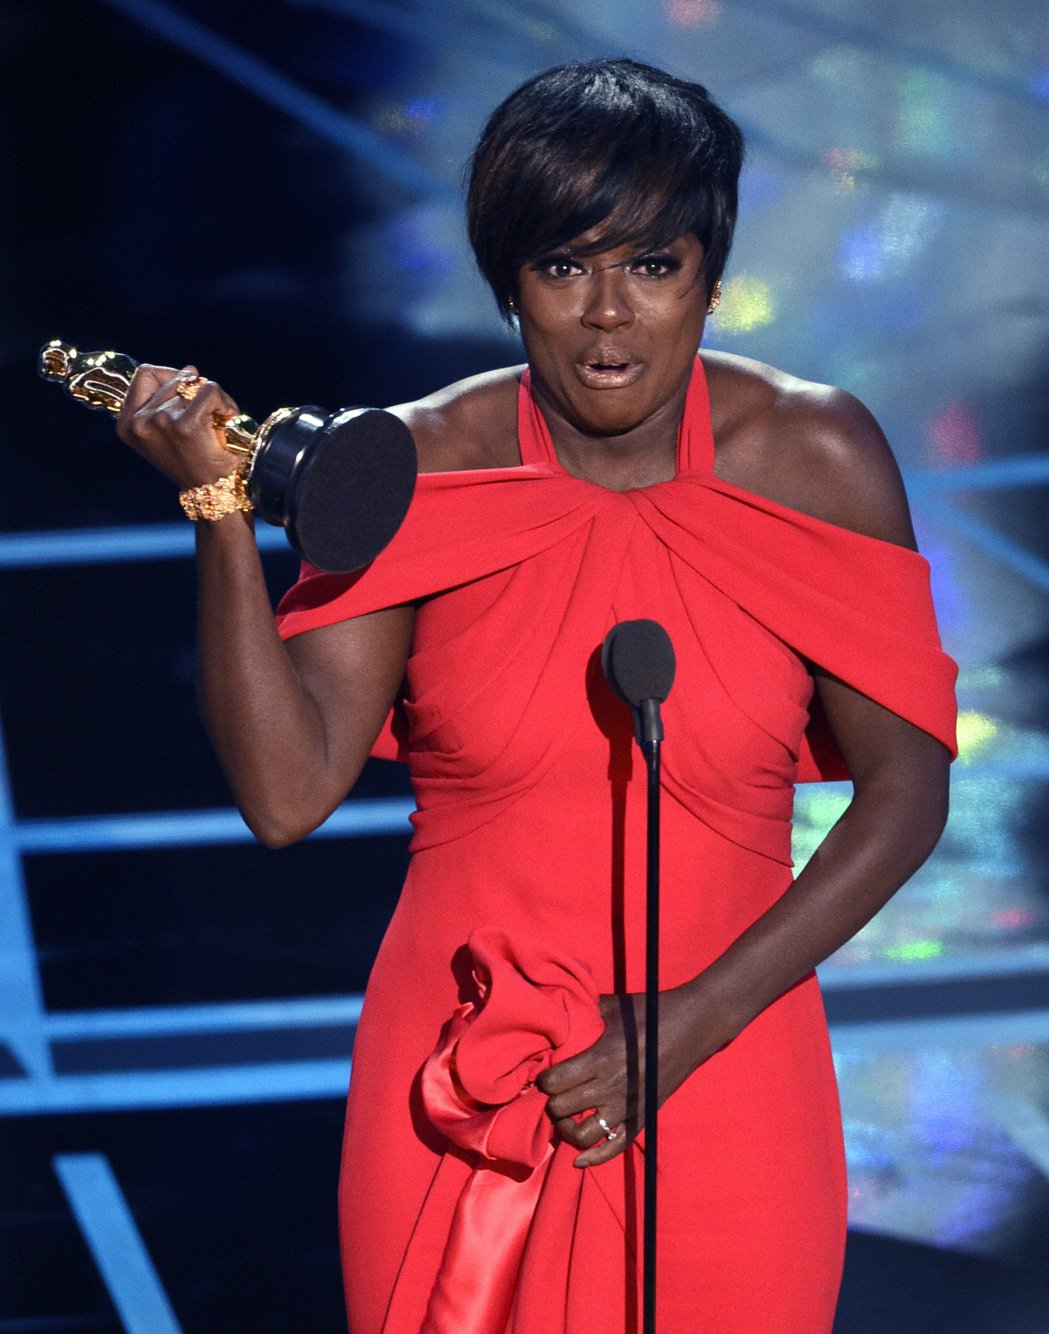 第89屆奧斯卡金像獎最佳女配角由「藩籬」的薇拉戴維斯獲得。 圖/美聯社